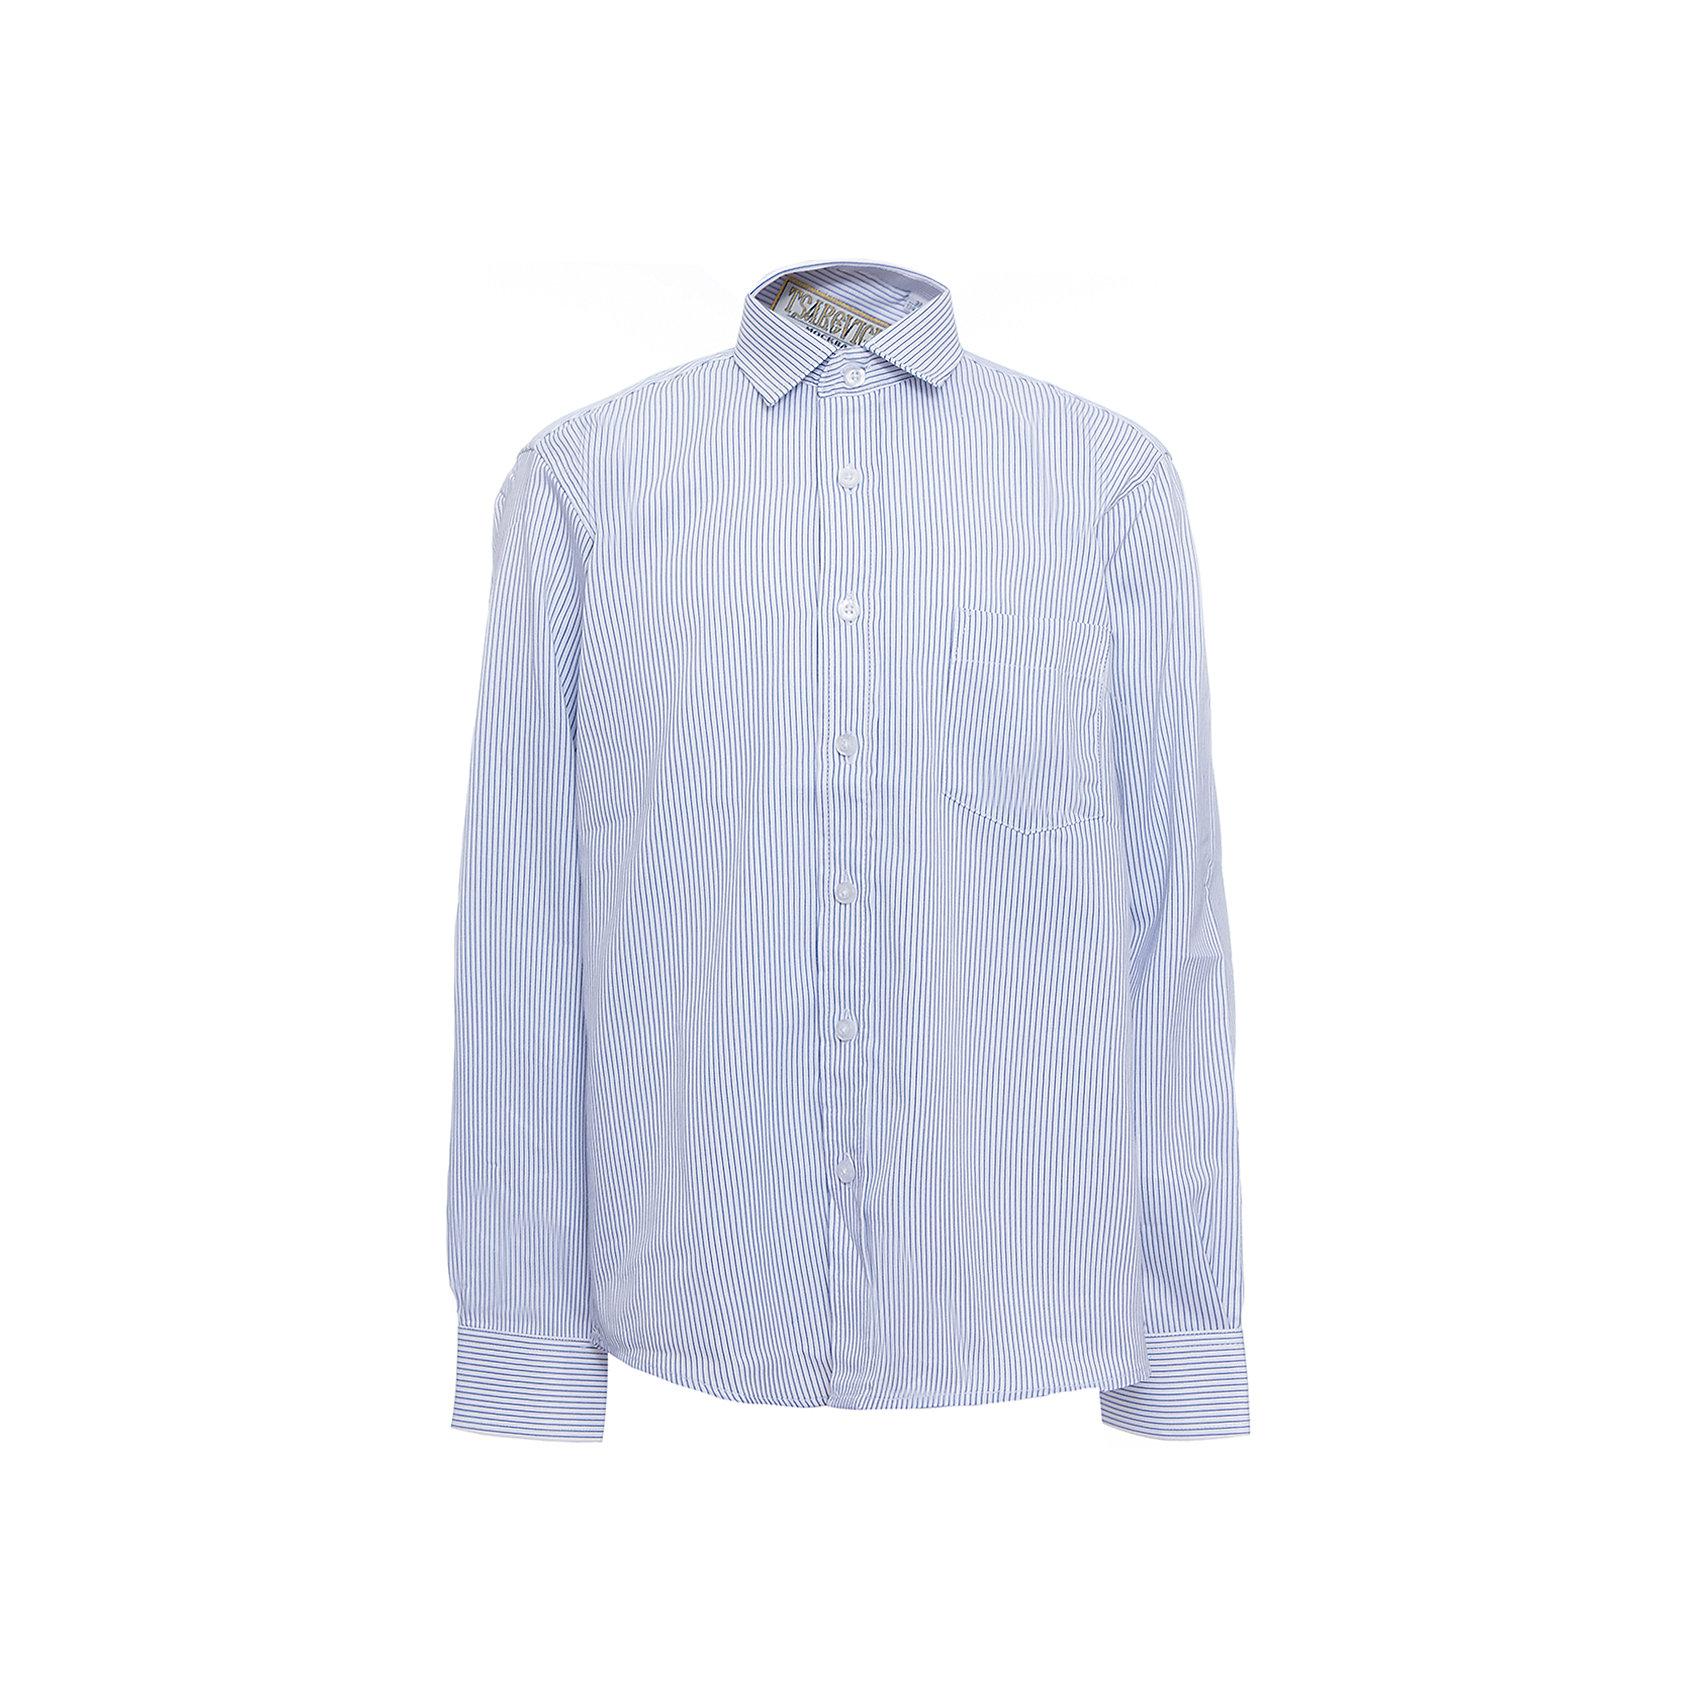 Рубашка для мальчика TsarevichБлузки и рубашки<br>Характеристики товара:<br><br>• цвет: голубой<br>• состав ткани: 65% хлопок, 35% полиэстер<br>• особенности: школьная, праздничная<br>• застежка: пуговицы<br>• рукава: длинные<br>• сезон: круглый год<br>• страна бренда: Российская Федерация<br>• страна изготовитель: Китай<br><br>Классическая сорочка для мальчика - отличный вариант практичной и стильной школьной одежды.<br><br>Классическая форма, накладной карман, воротник с отсрочкой, свободный крой, дышащая ткань с преобладанием хлопка - красиво и удобно.<br><br>Рубашку для мальчика Tsarevich (Царевич) можно купить в нашем интернет-магазине.<br><br>Ширина мм: 174<br>Глубина мм: 10<br>Высота мм: 169<br>Вес г: 157<br>Цвет: голубой<br>Возраст от месяцев: 132<br>Возраст до месяцев: 144<br>Пол: Мужской<br>Возраст: Детский<br>Размер: 152/158,164/170,152/158,122/128,128/134,134/140,140/146,146/152,158/164,146/152<br>SKU: 6860633